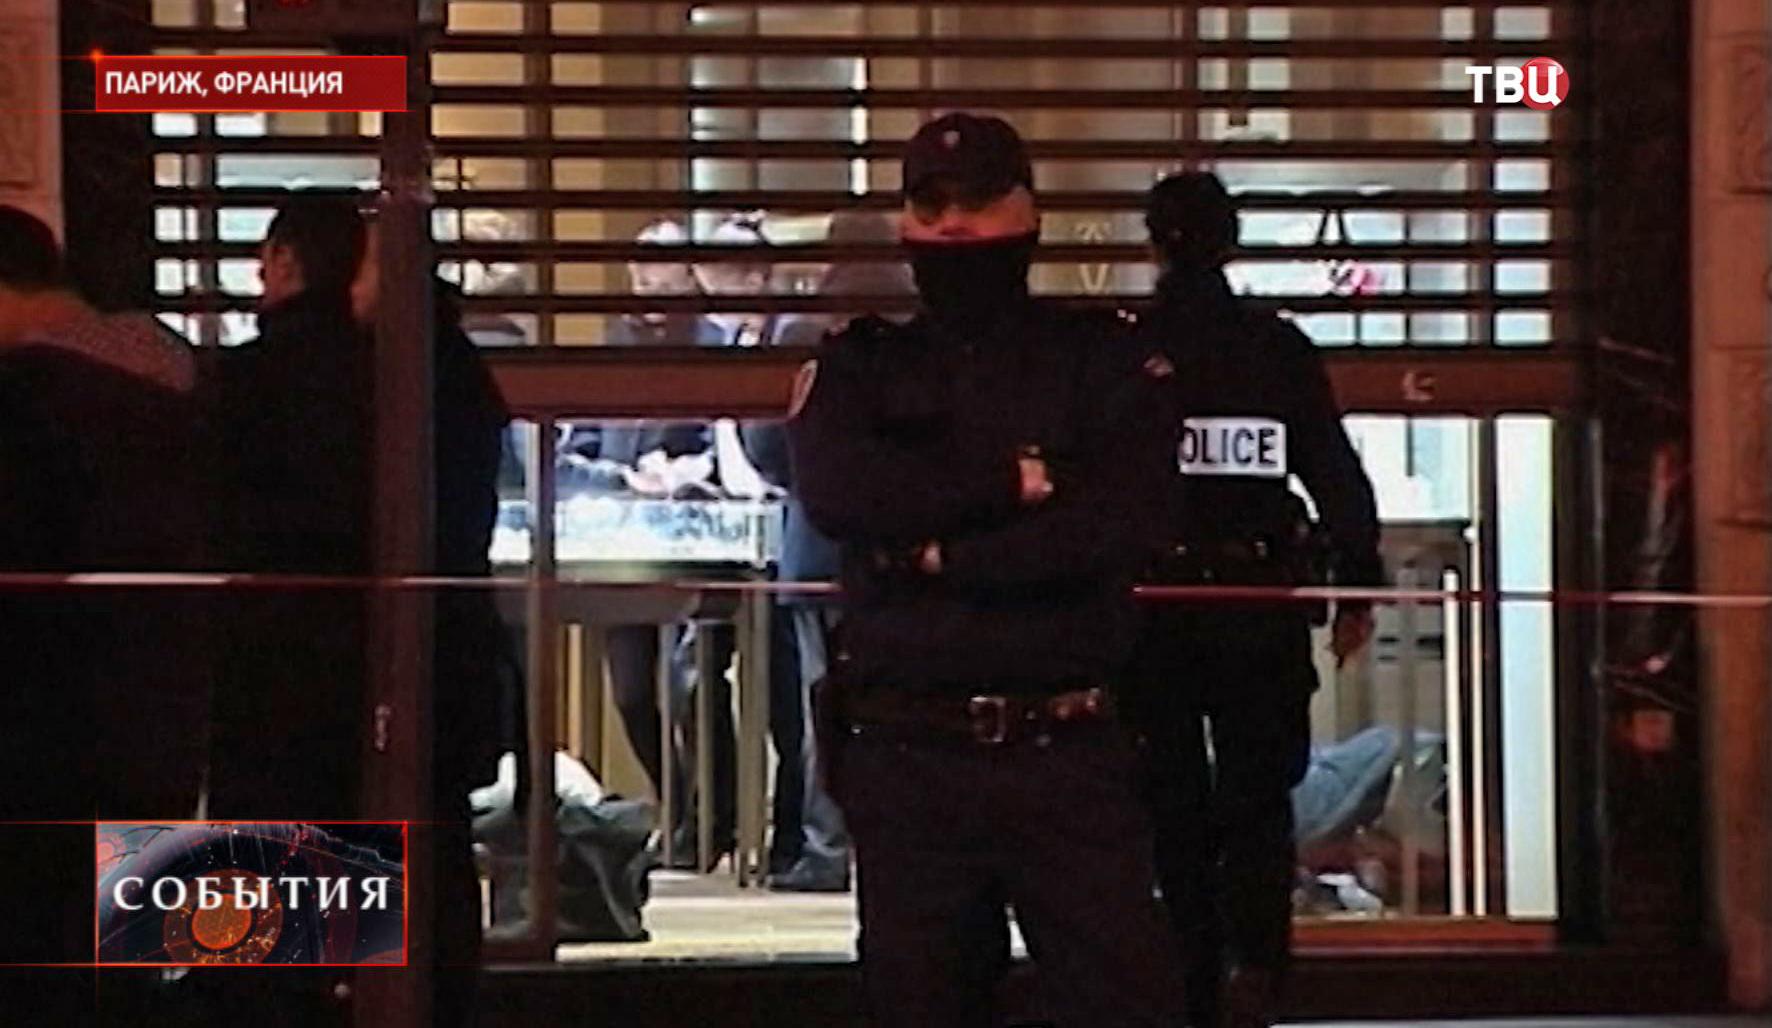 Ограбление в Париже